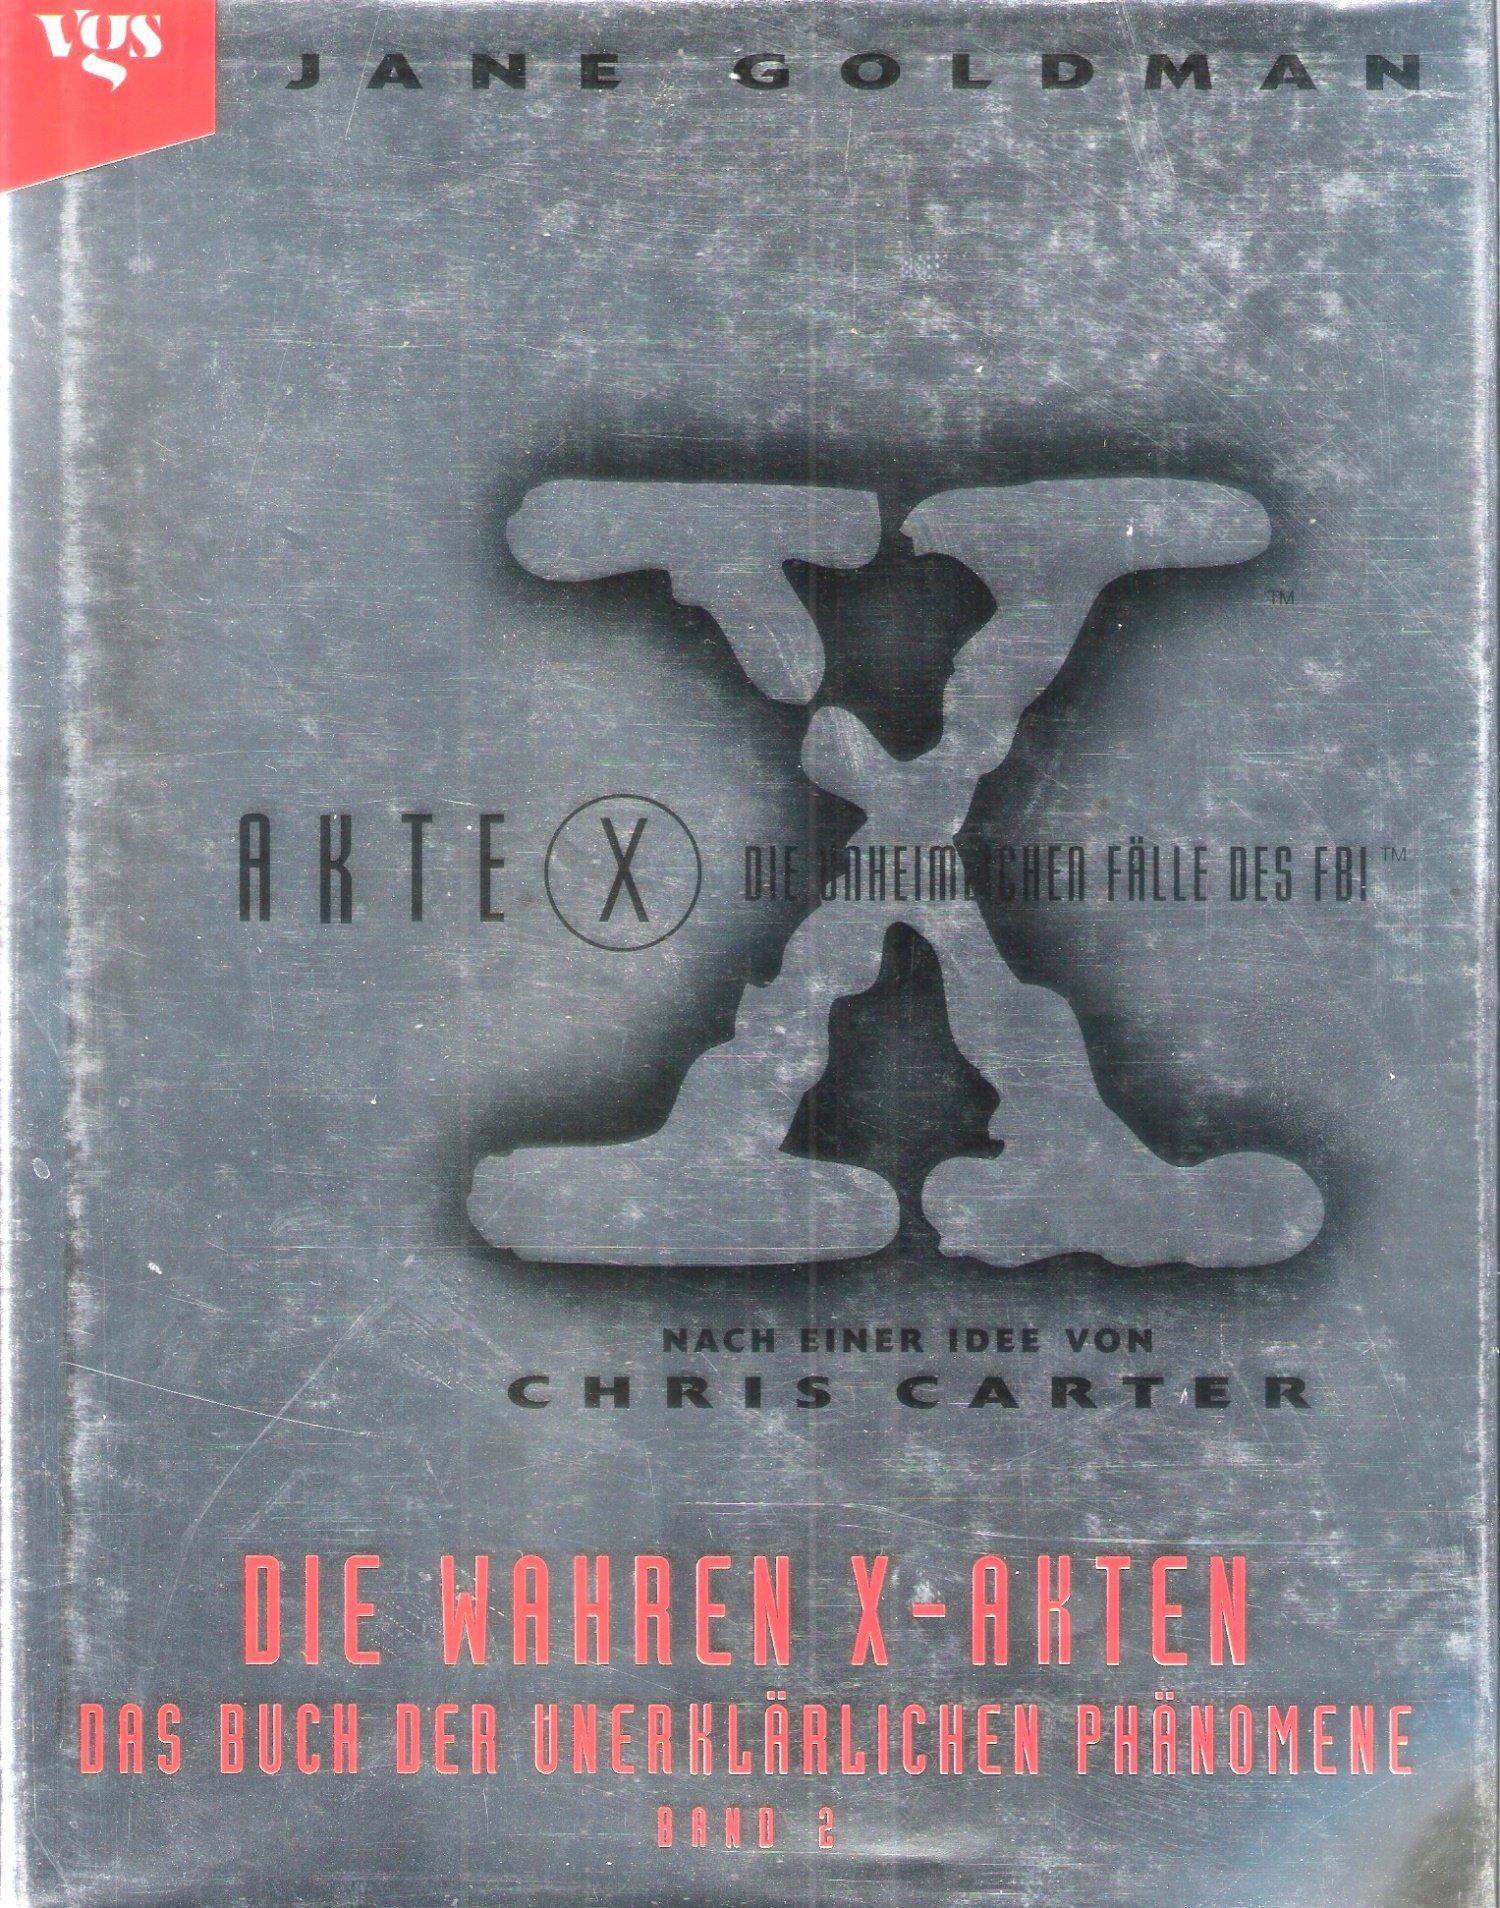 Akte X. Das Buch der unerklärlichen Phänomene 2